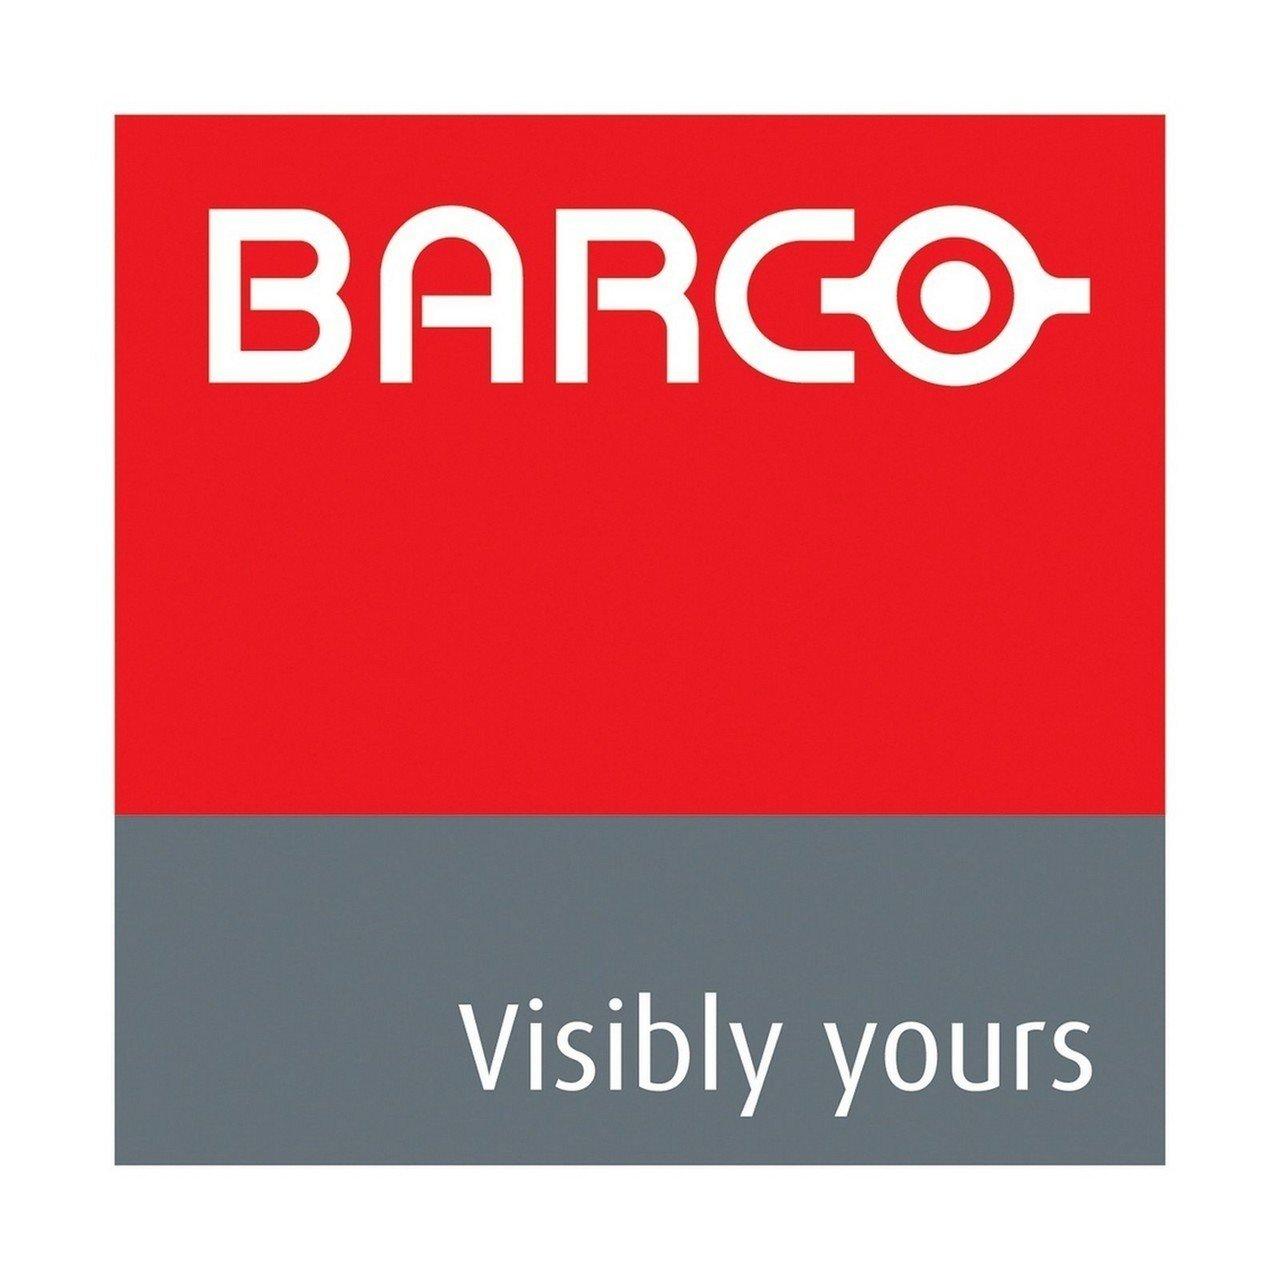 Barco R9801320 AIR FILTER BLACK